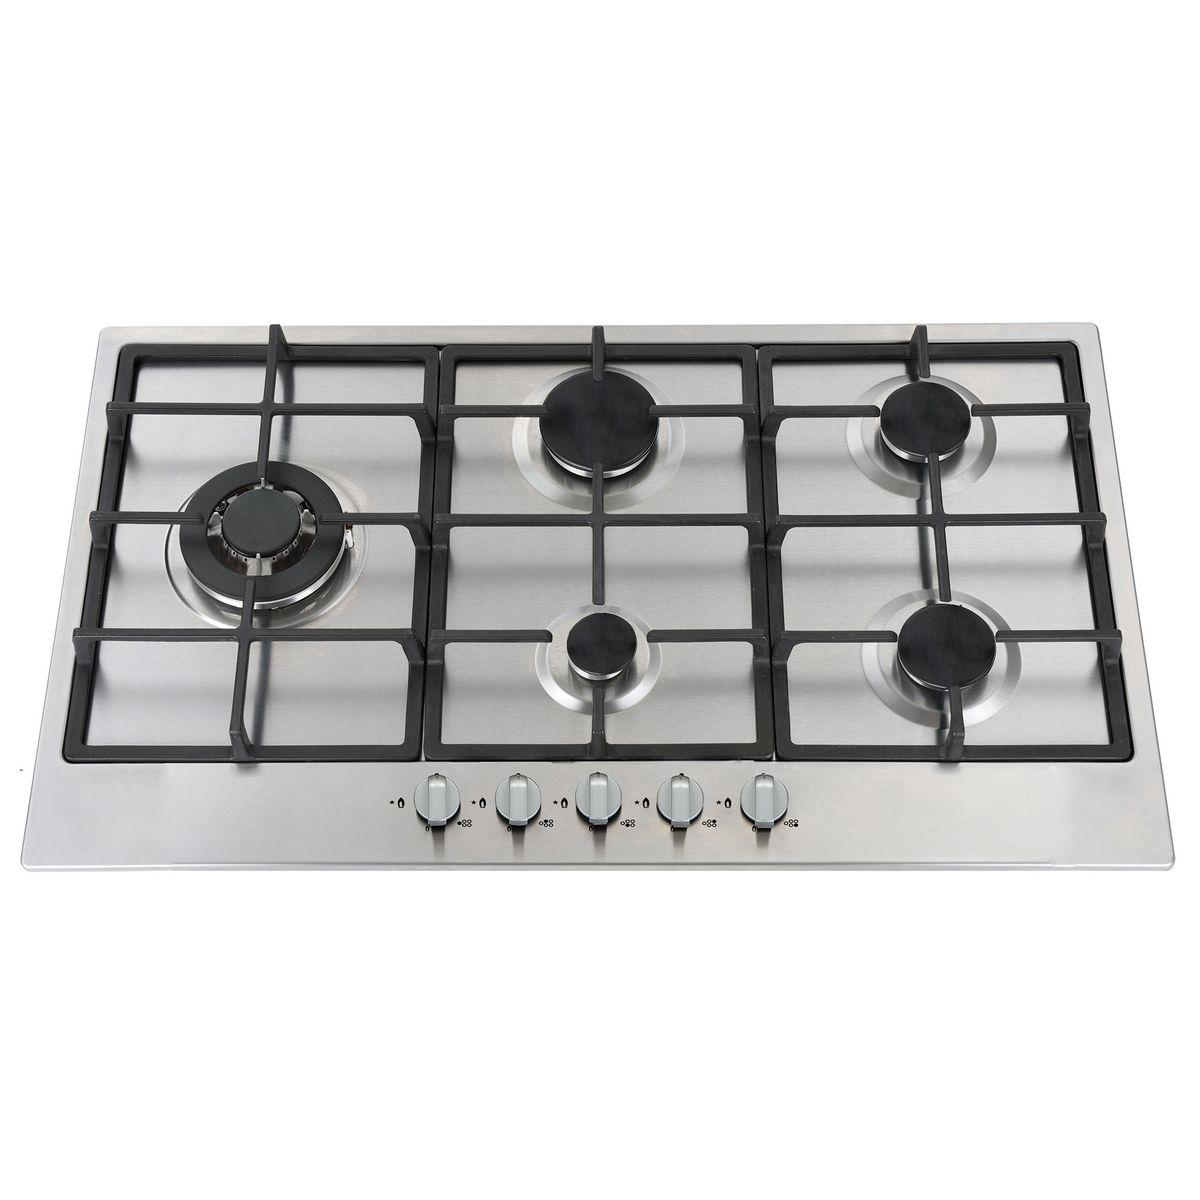 Table de cuisson à gaz LIGKXG90X, 90 cm, 5 Foyers dont 1 wok 3800 W